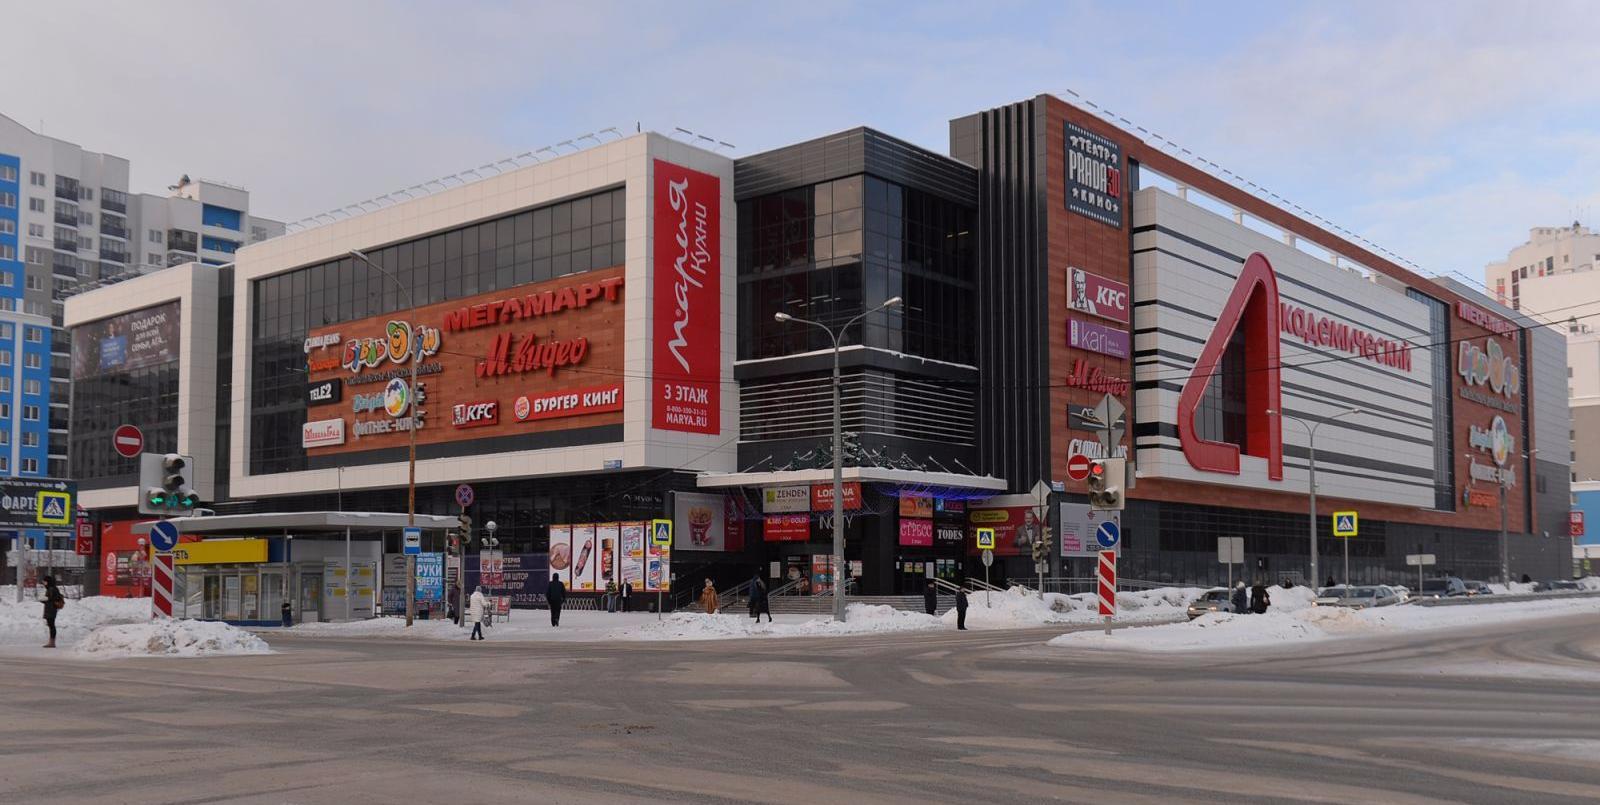 ТРЦ «Академический» - самый крупный районный ТРЦ в Екатеринбурге 8485afcac7e